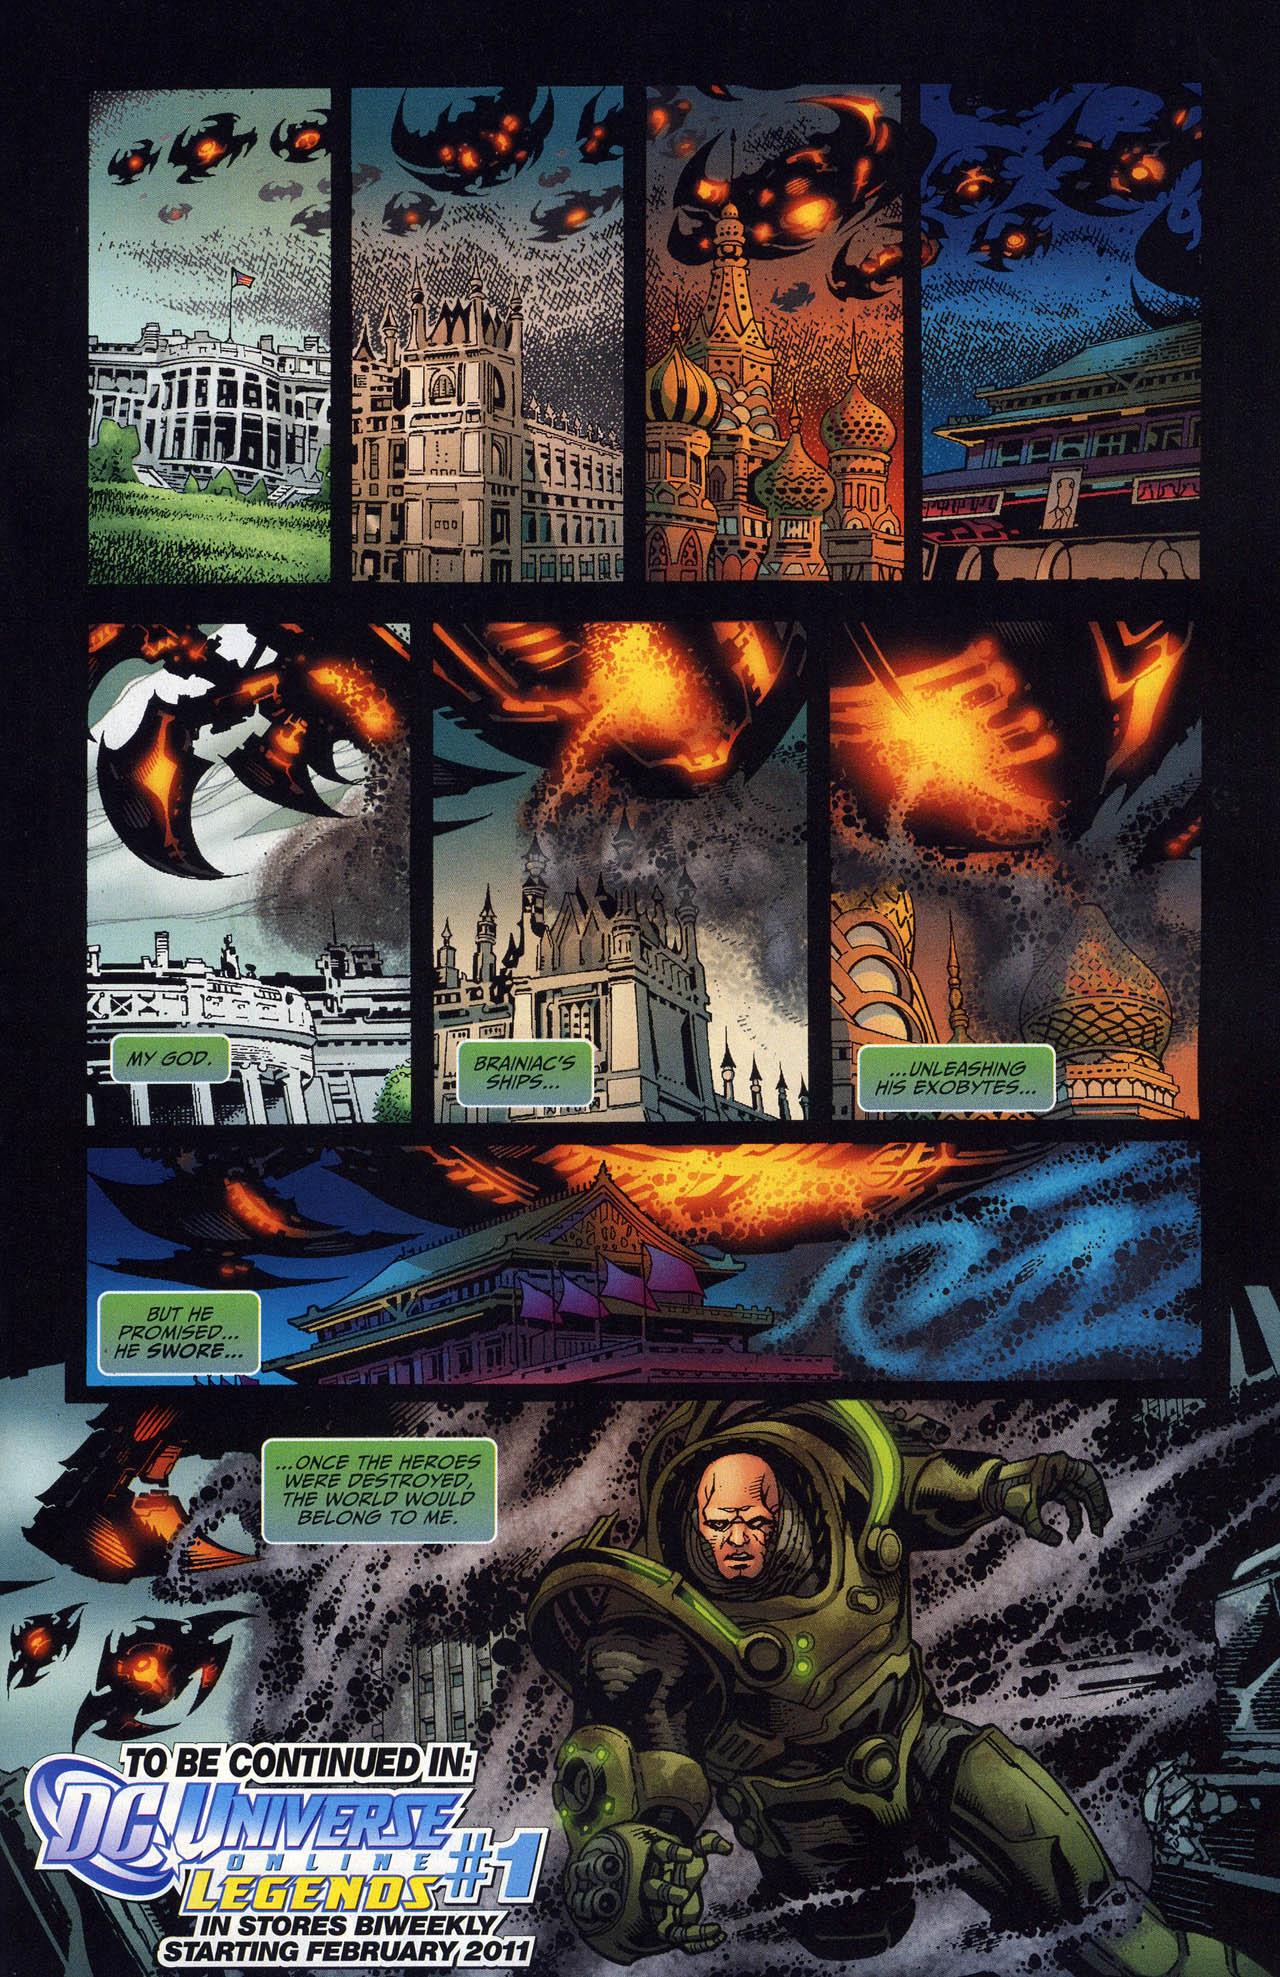 Superboy [I] Issue #3 #3 - English 31